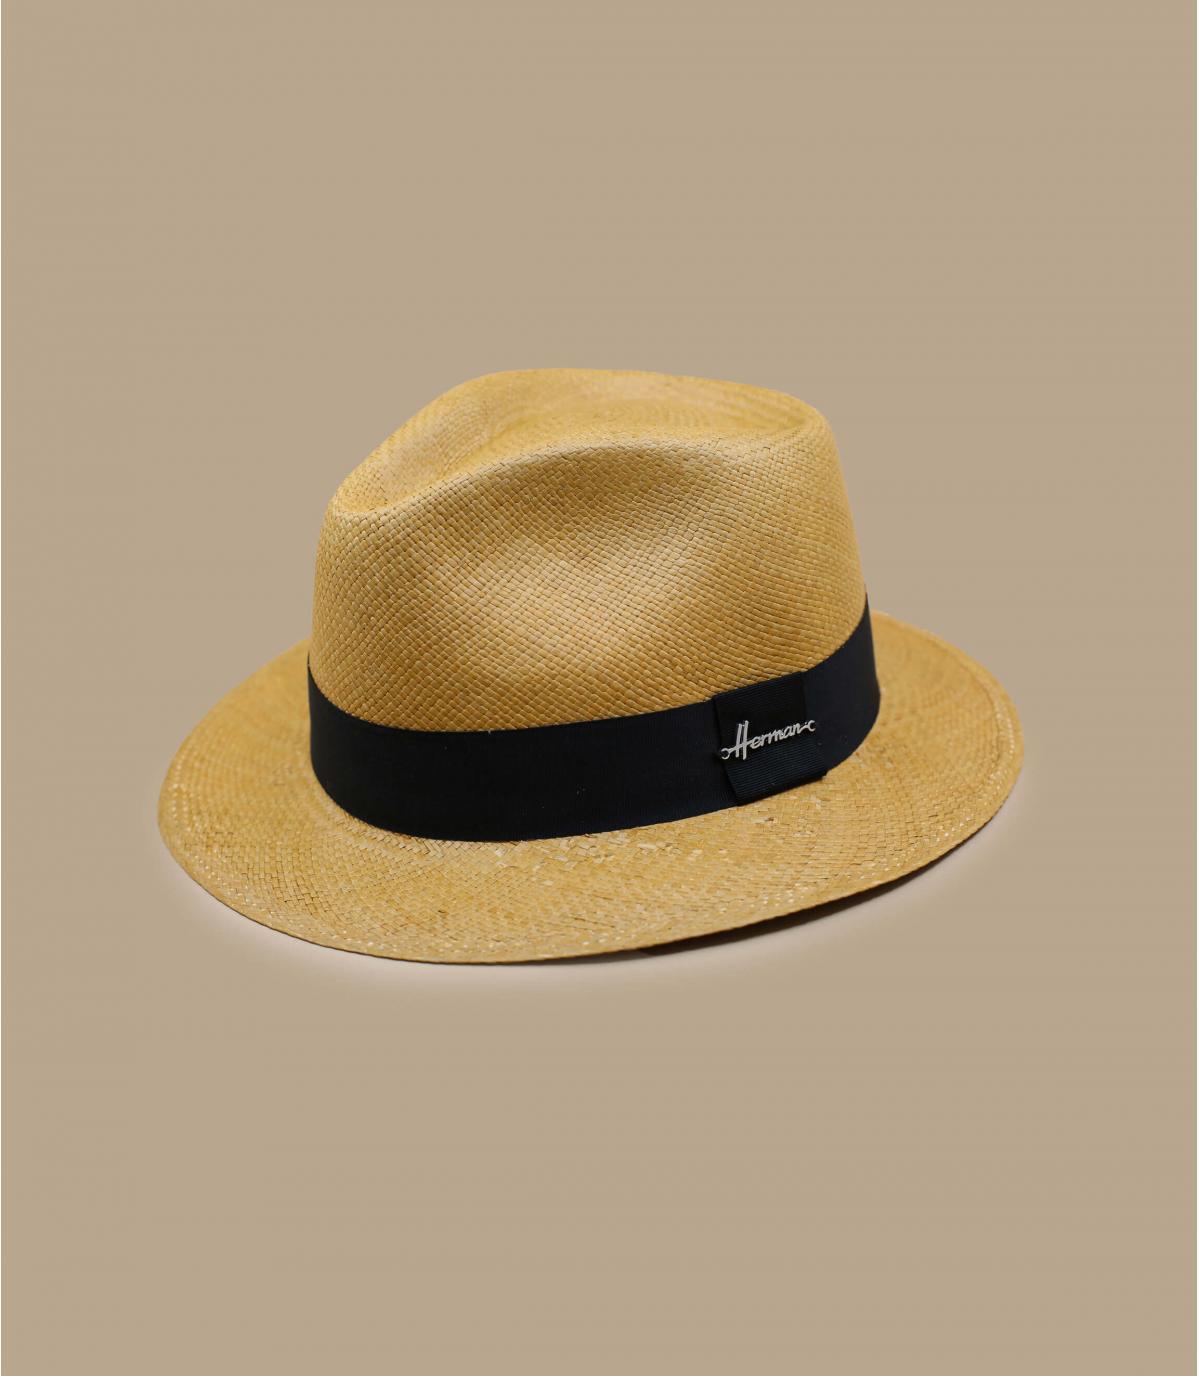 Herman beige Panama hoed